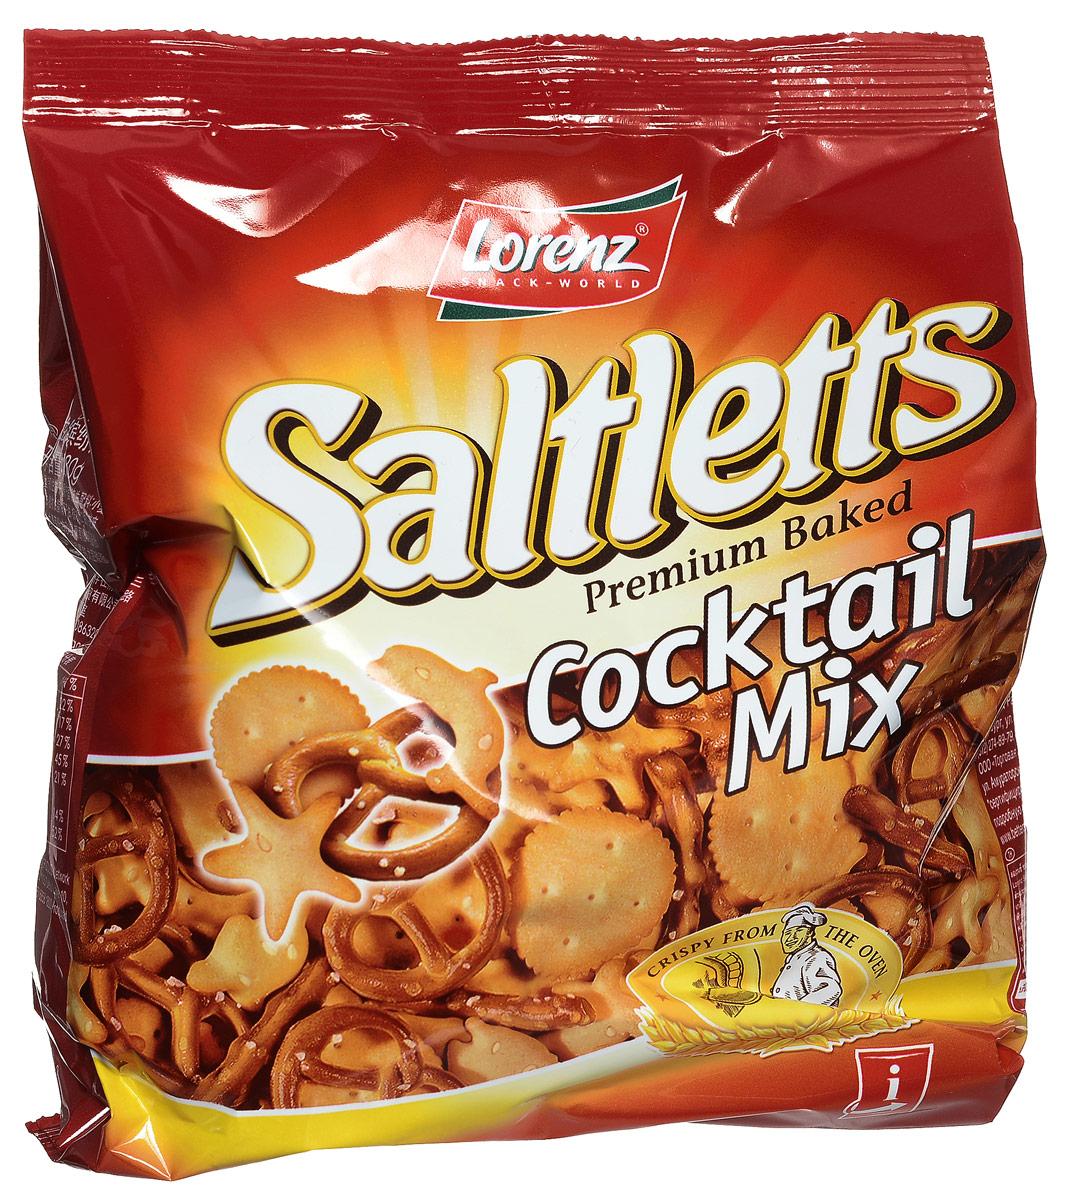 Lorenz Saltletts коктейль печенье и крендельки, 180 г